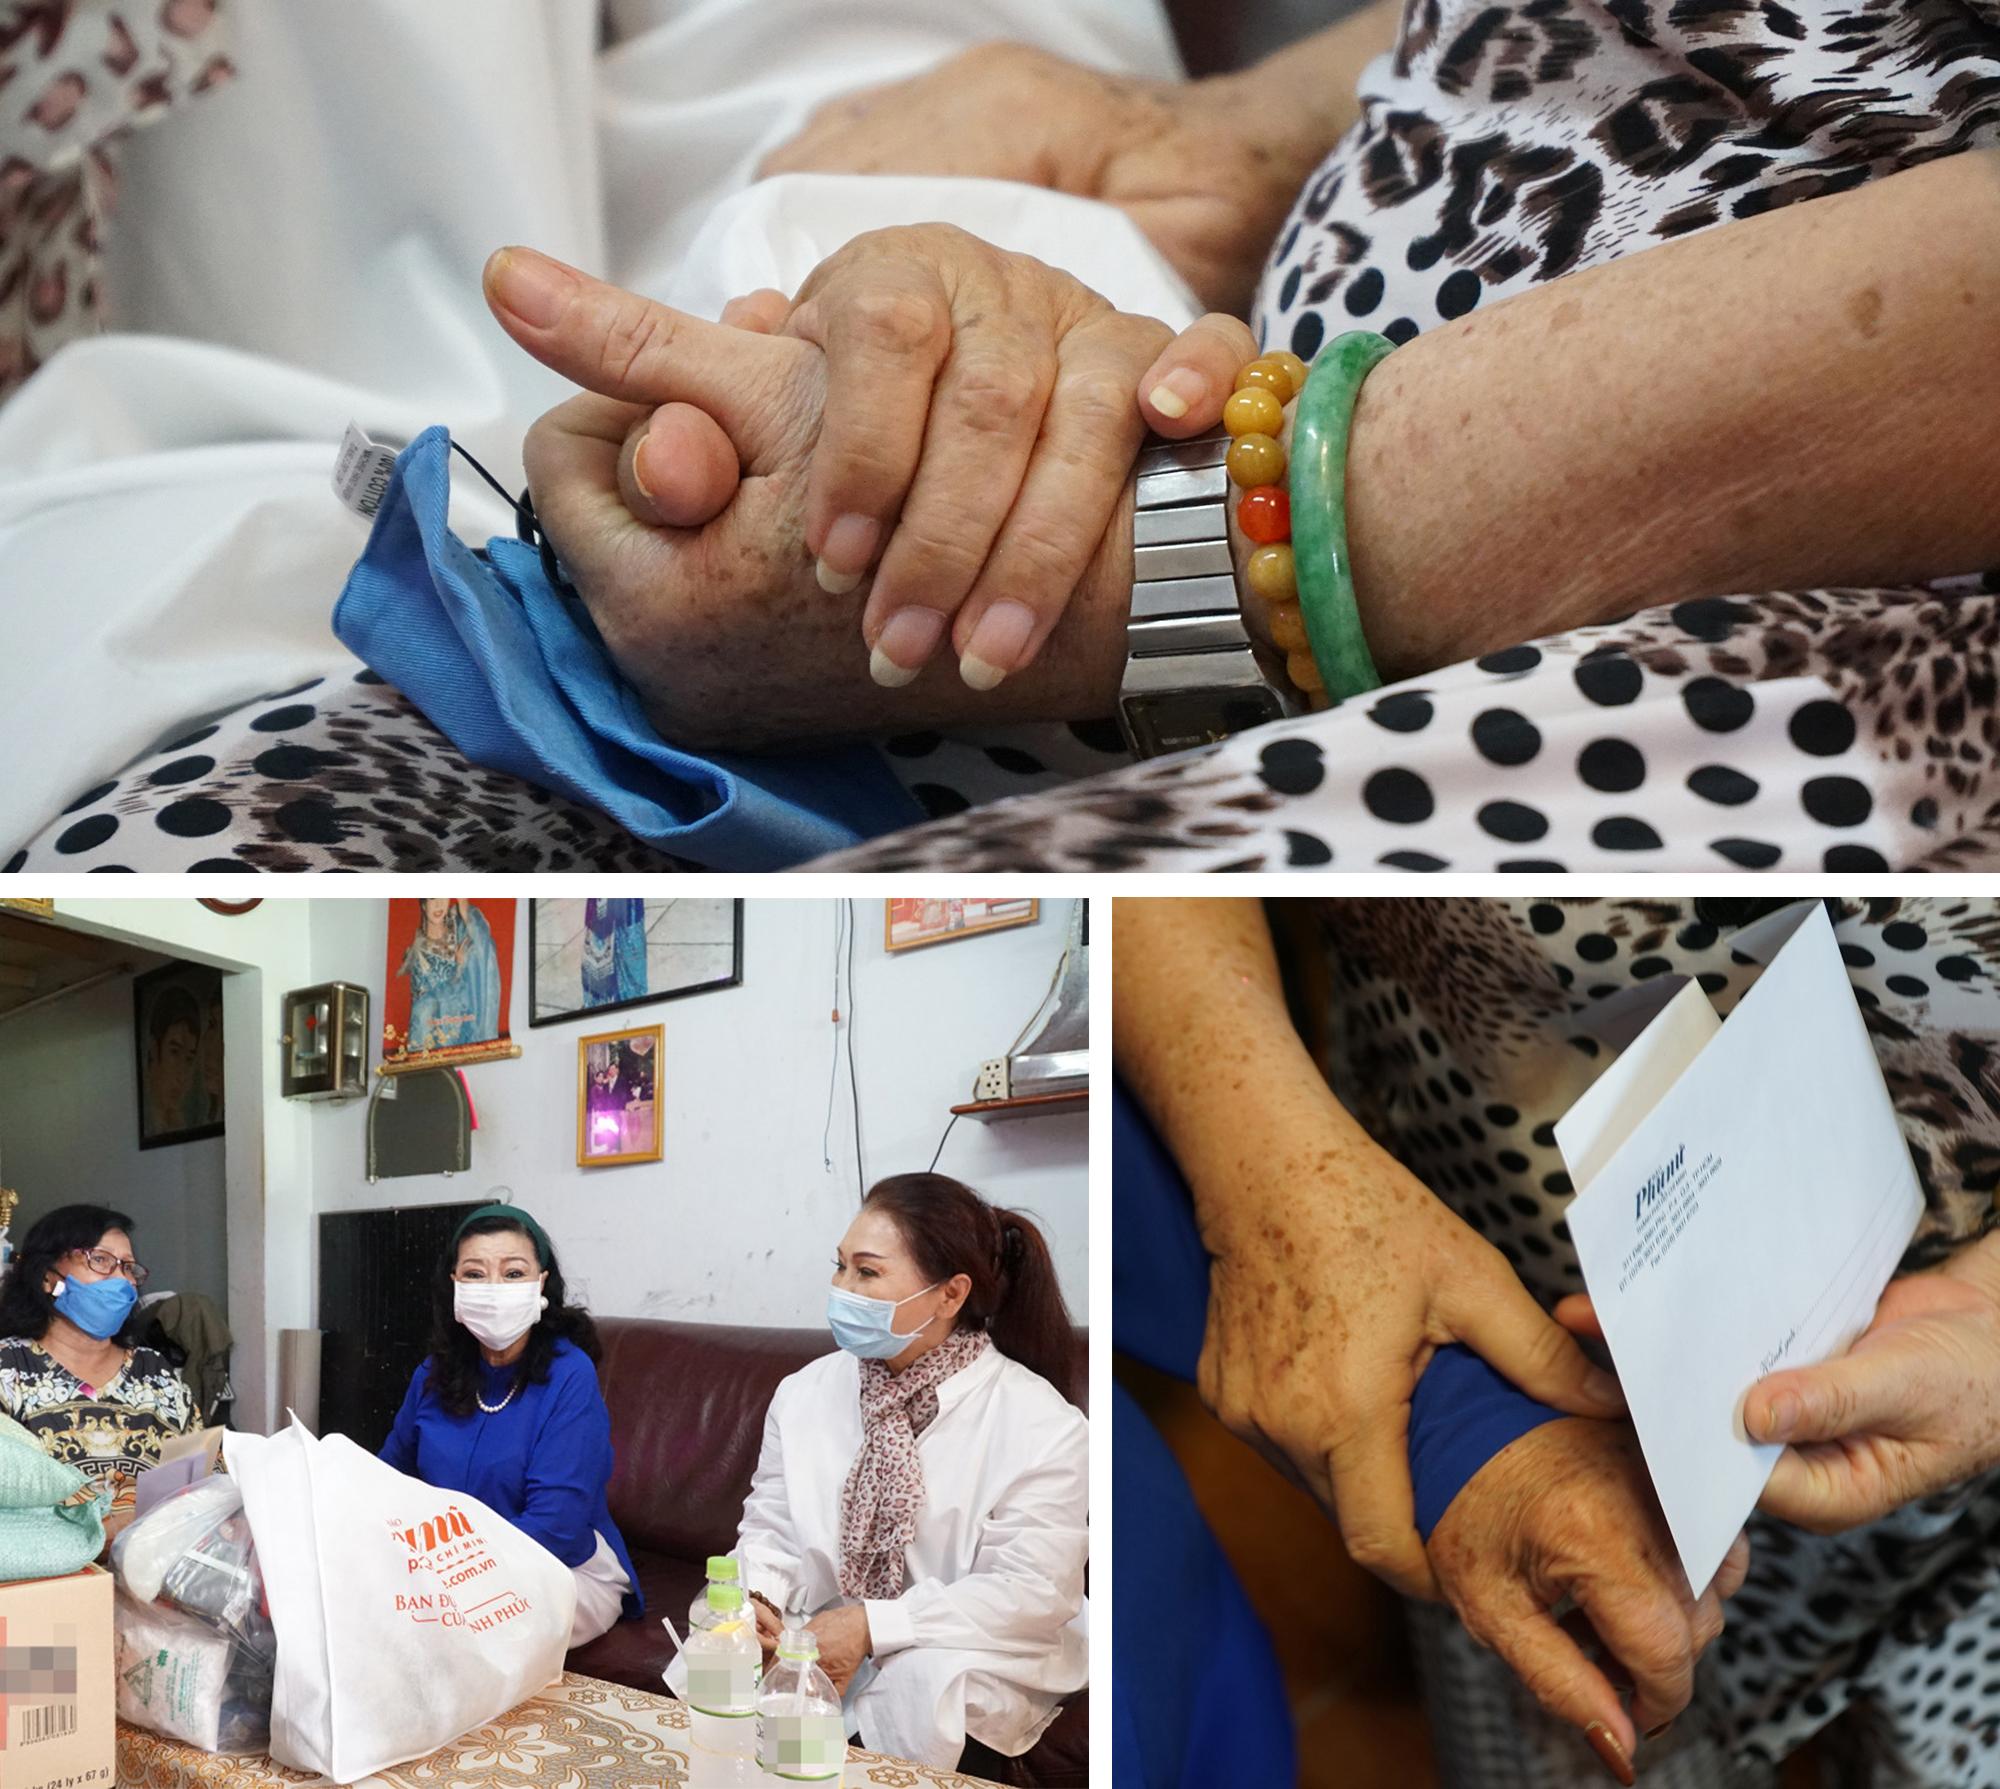 Cái bắt tay ấm áp san sẻ yêu thương trong mùa dịch bệnh. Nghệ sĩ Hồng Hạnh cho biết, bà rất vui mừng khi nhận được sự hỗ trợ kịp thời này để vượt qua giai đoạn khó khăn.